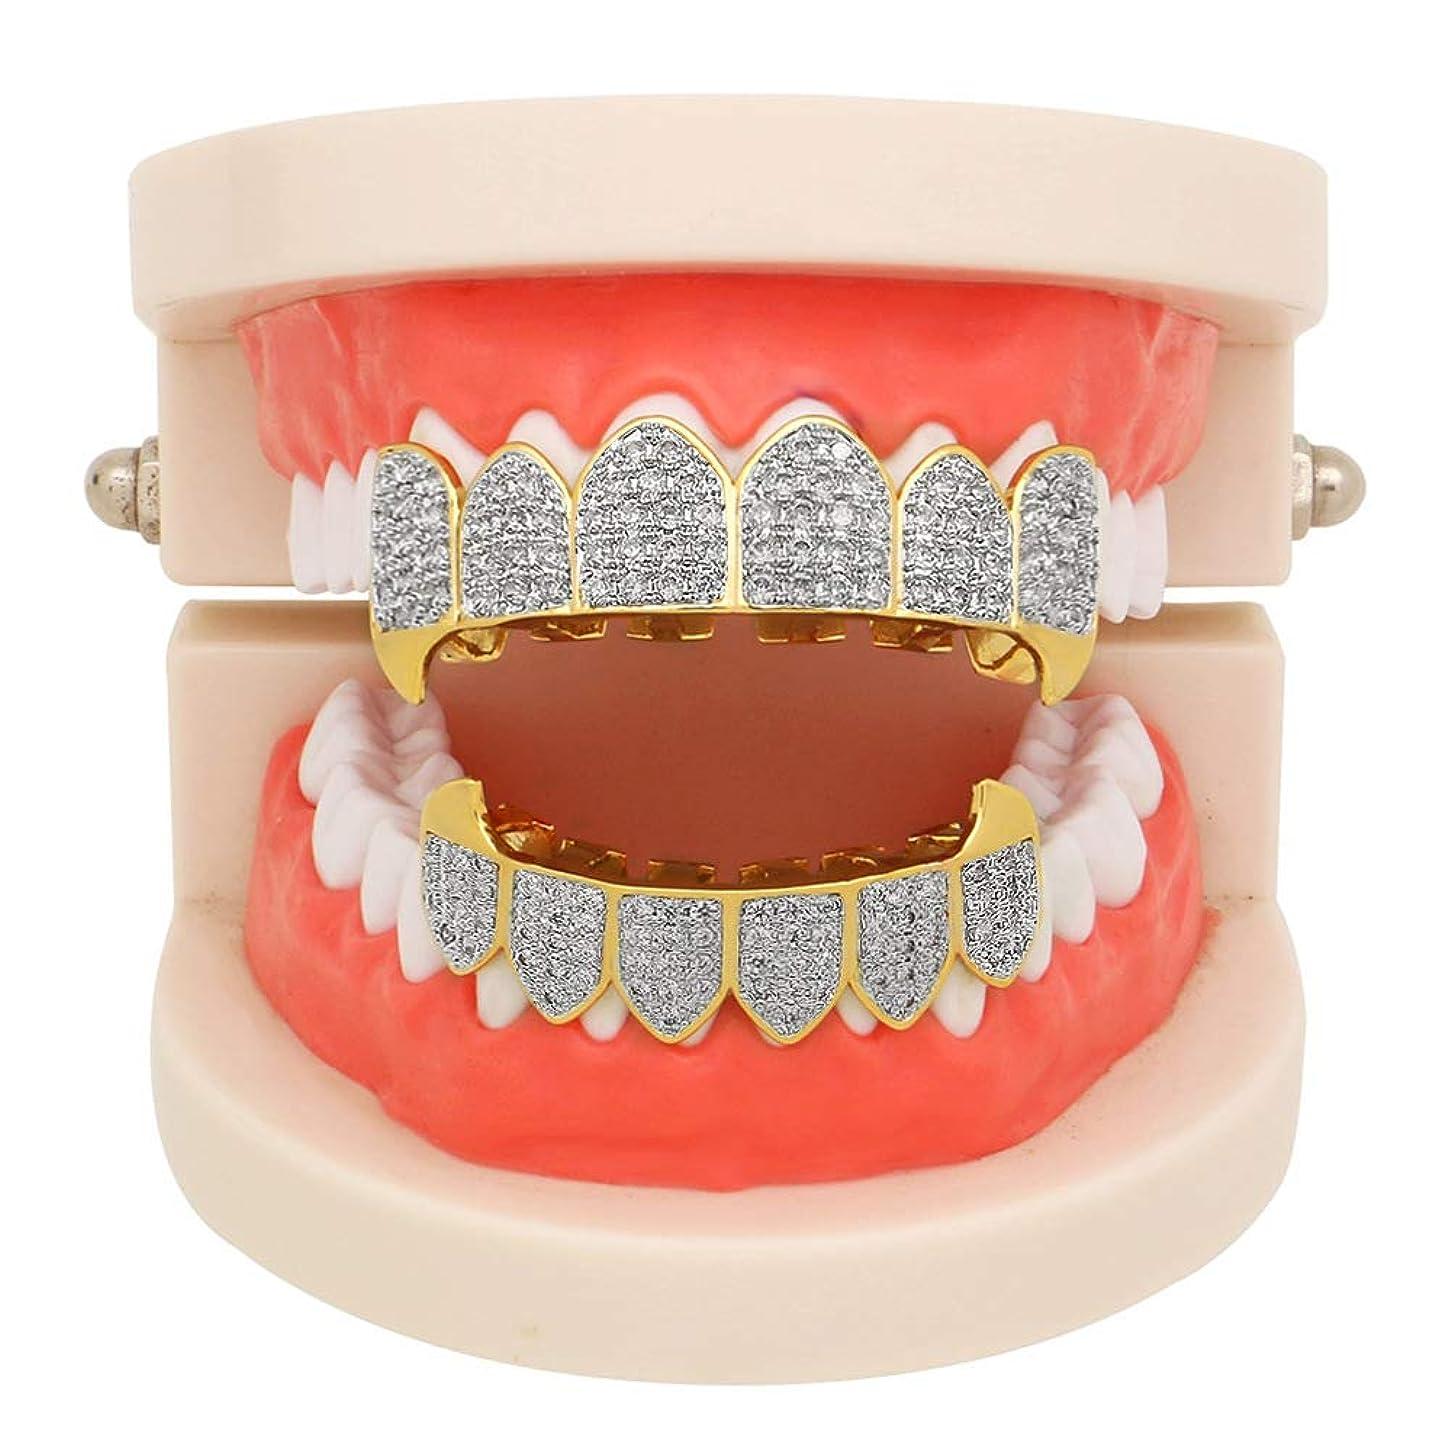 歯車刻むできればファッションヒップホップシミュレーション歯ダイヤモンド銅キャップジュエリー芸者バーベキュー歯音楽オープニング完璧なアクセサリーを集めるためにハロウィーンユニセックス,rosegold